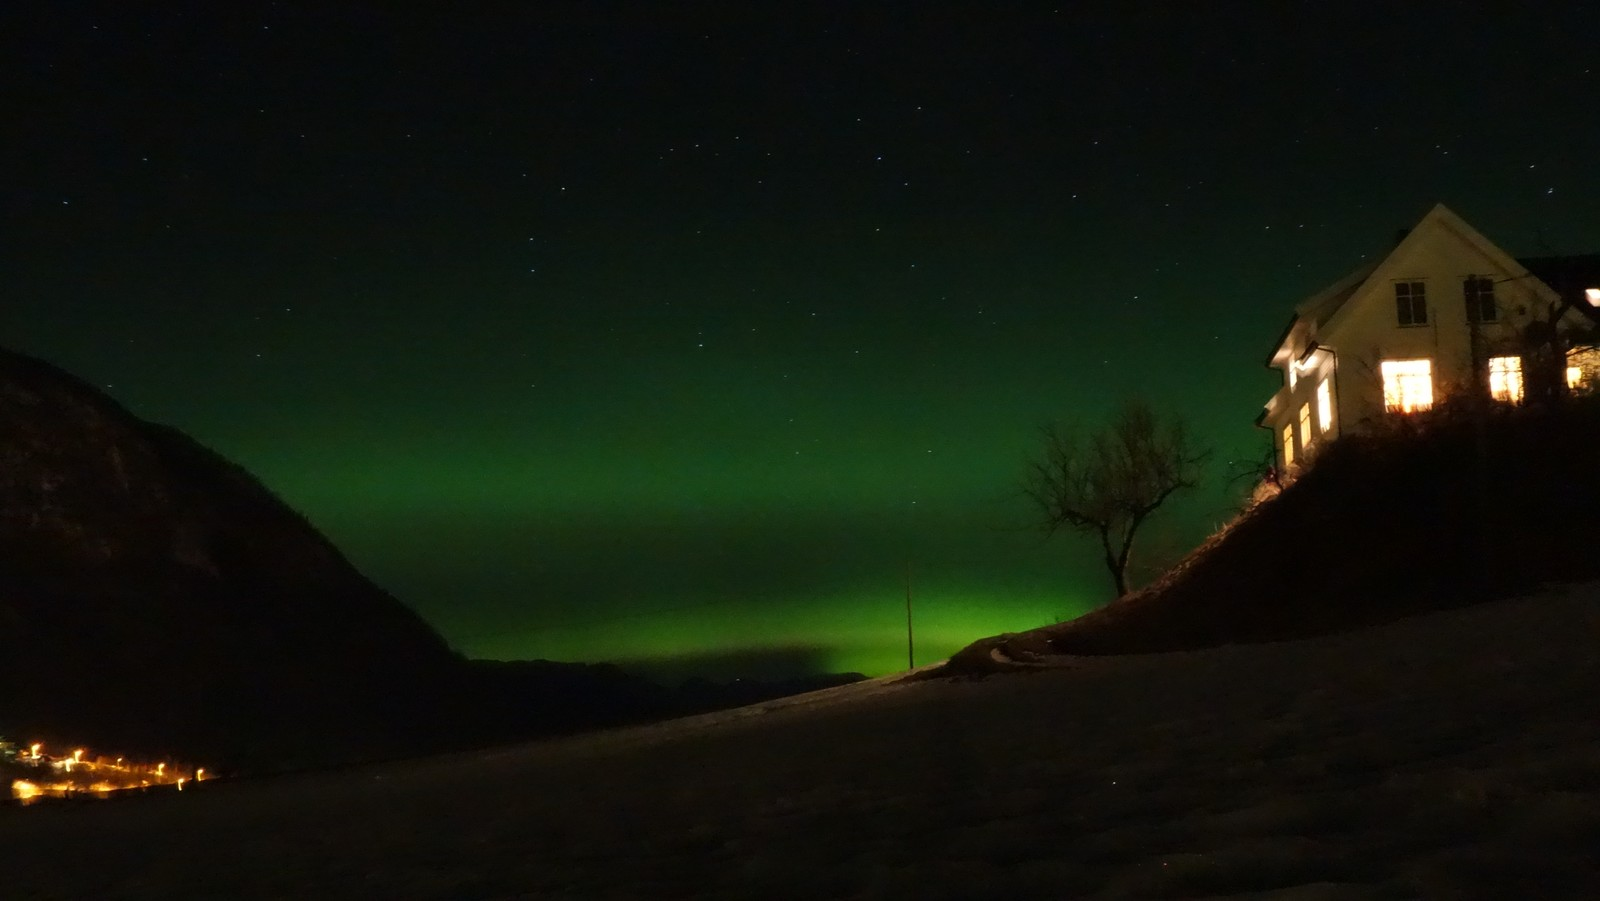 VIK: Nordlys over Vik i Sogn